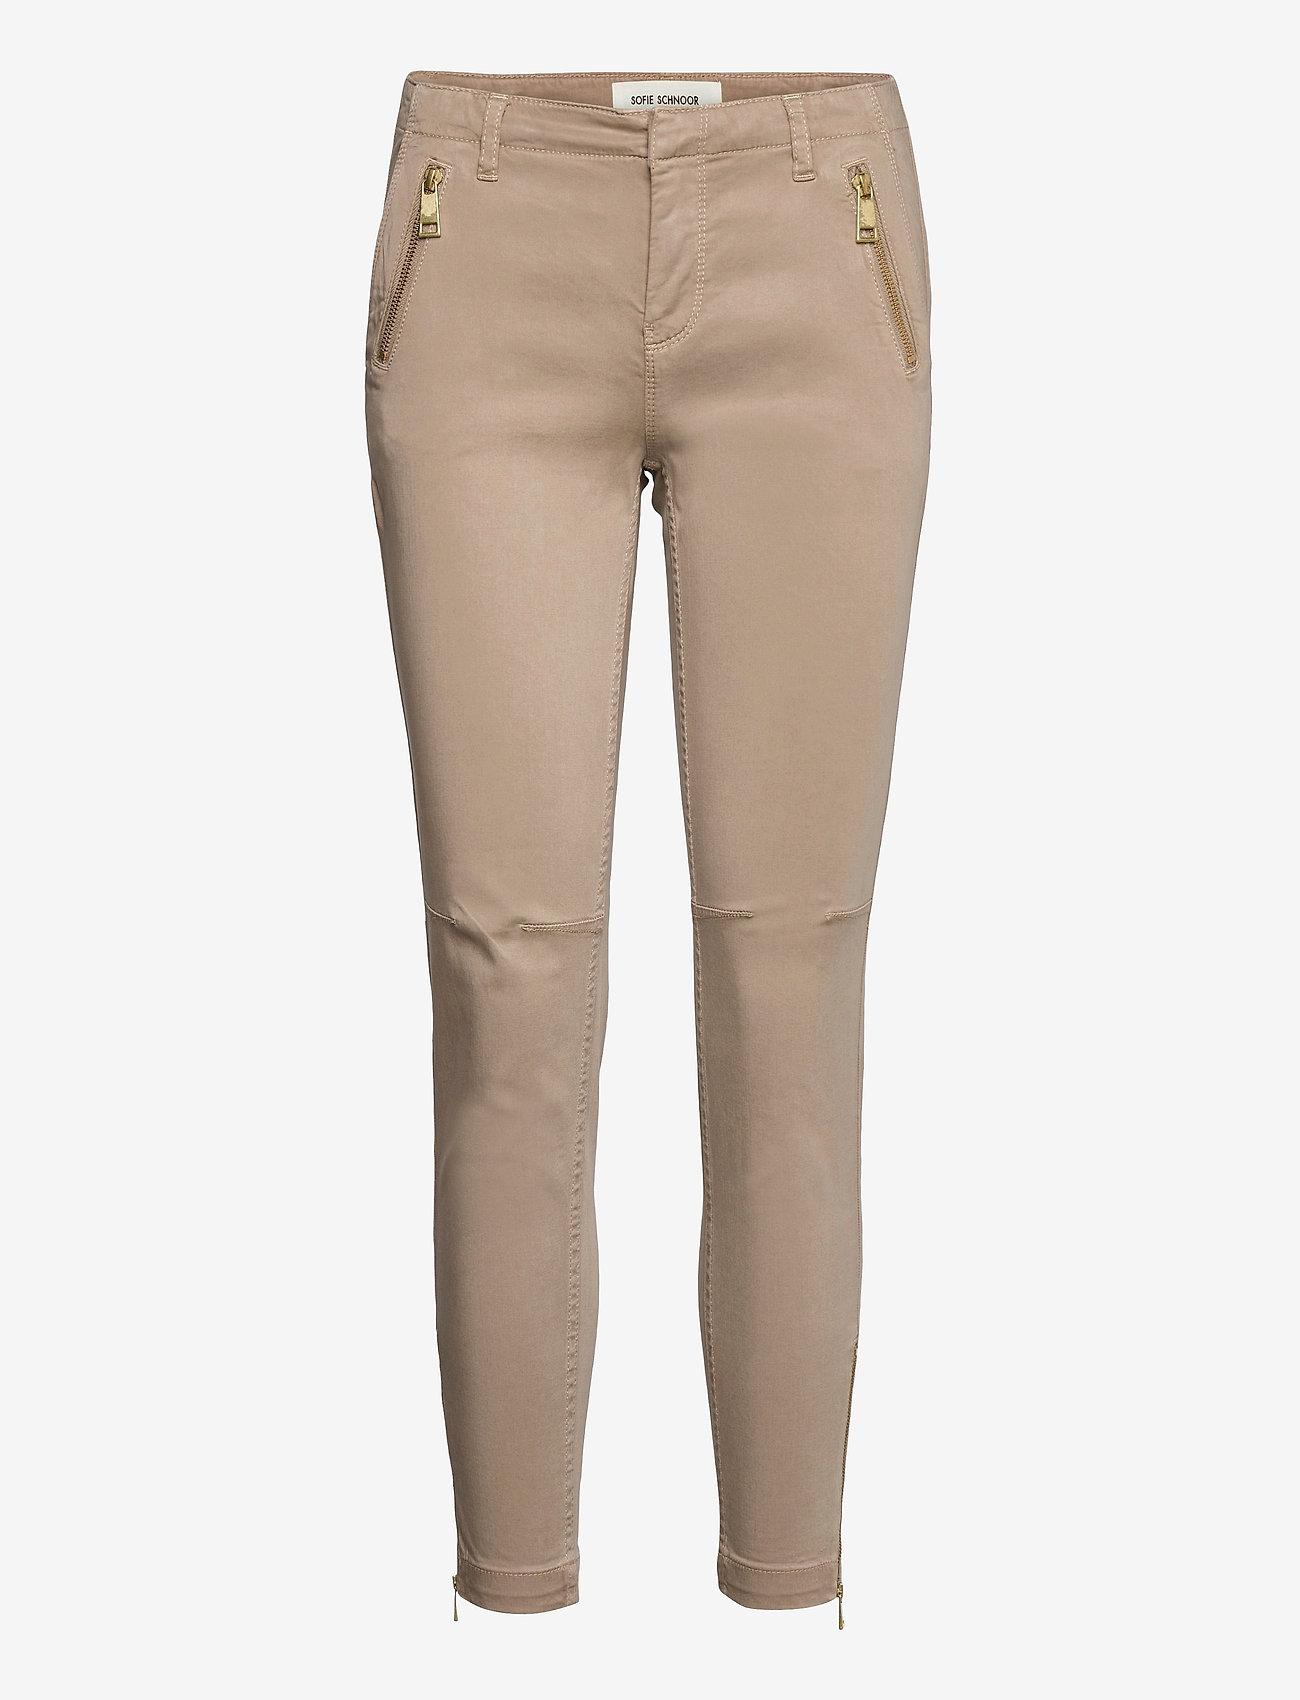 Sofie Schnoor - Pants - slim fit bukser - sand - 0